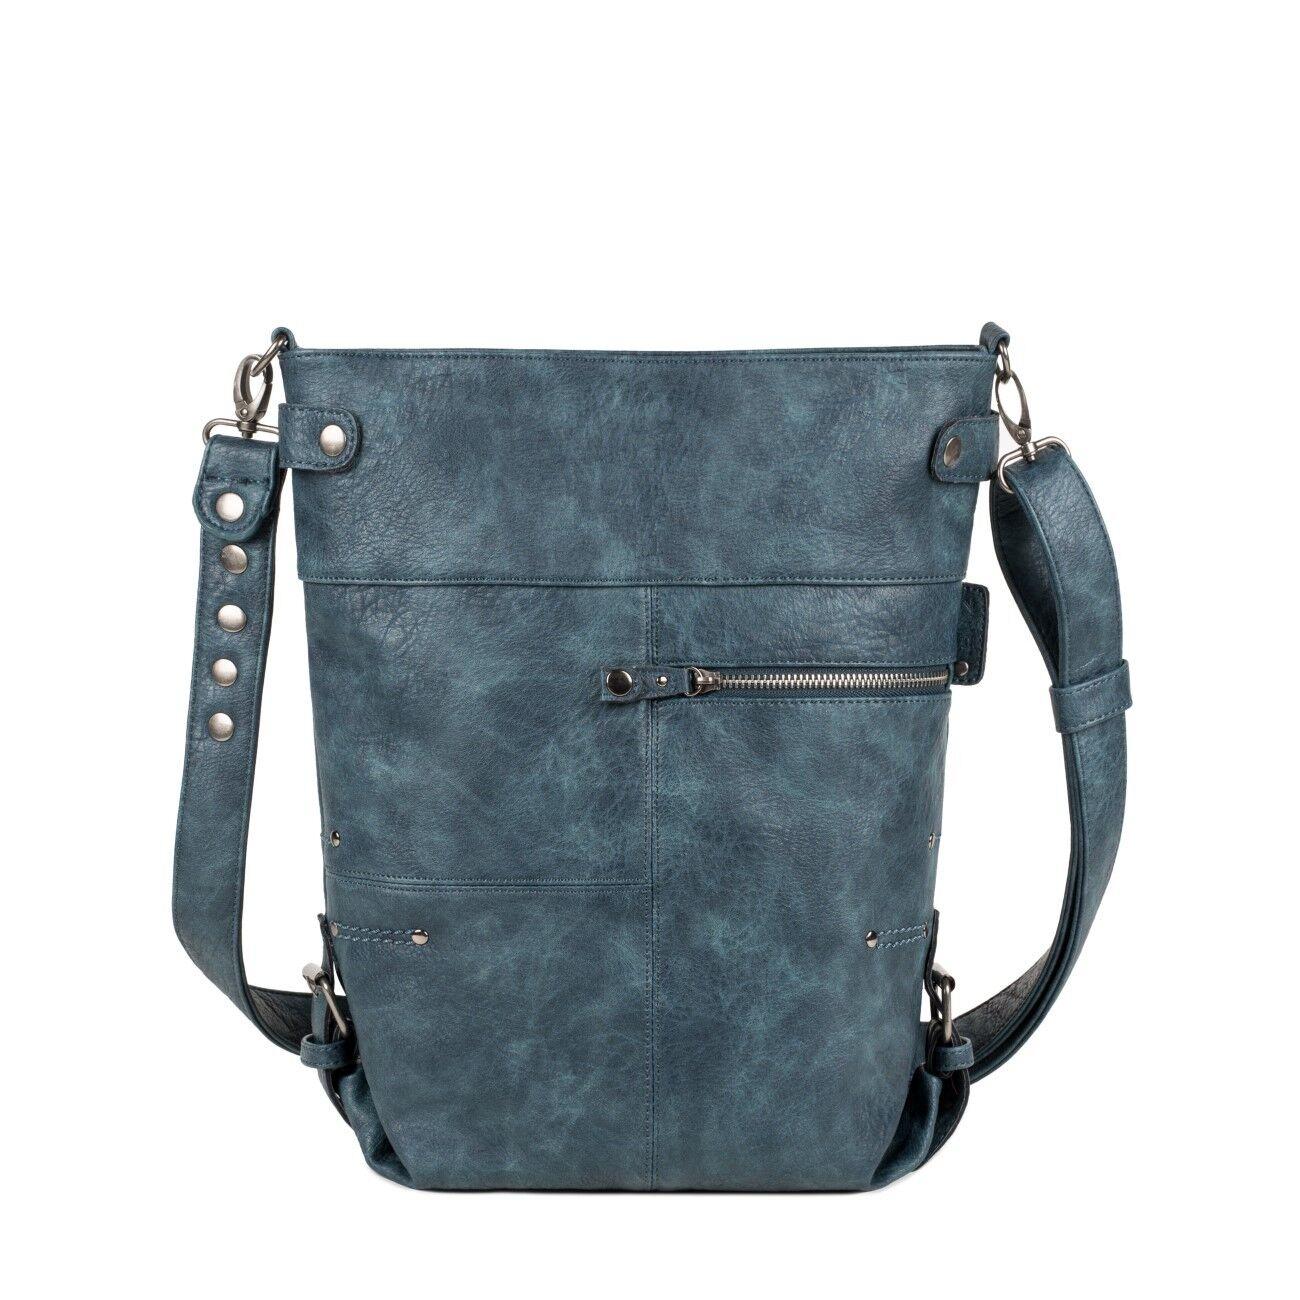 ZWEI ZWEI ZWEI Vintage V12 Tasche Blau blau Neu Schultertasche   Attraktives Aussehen  811471